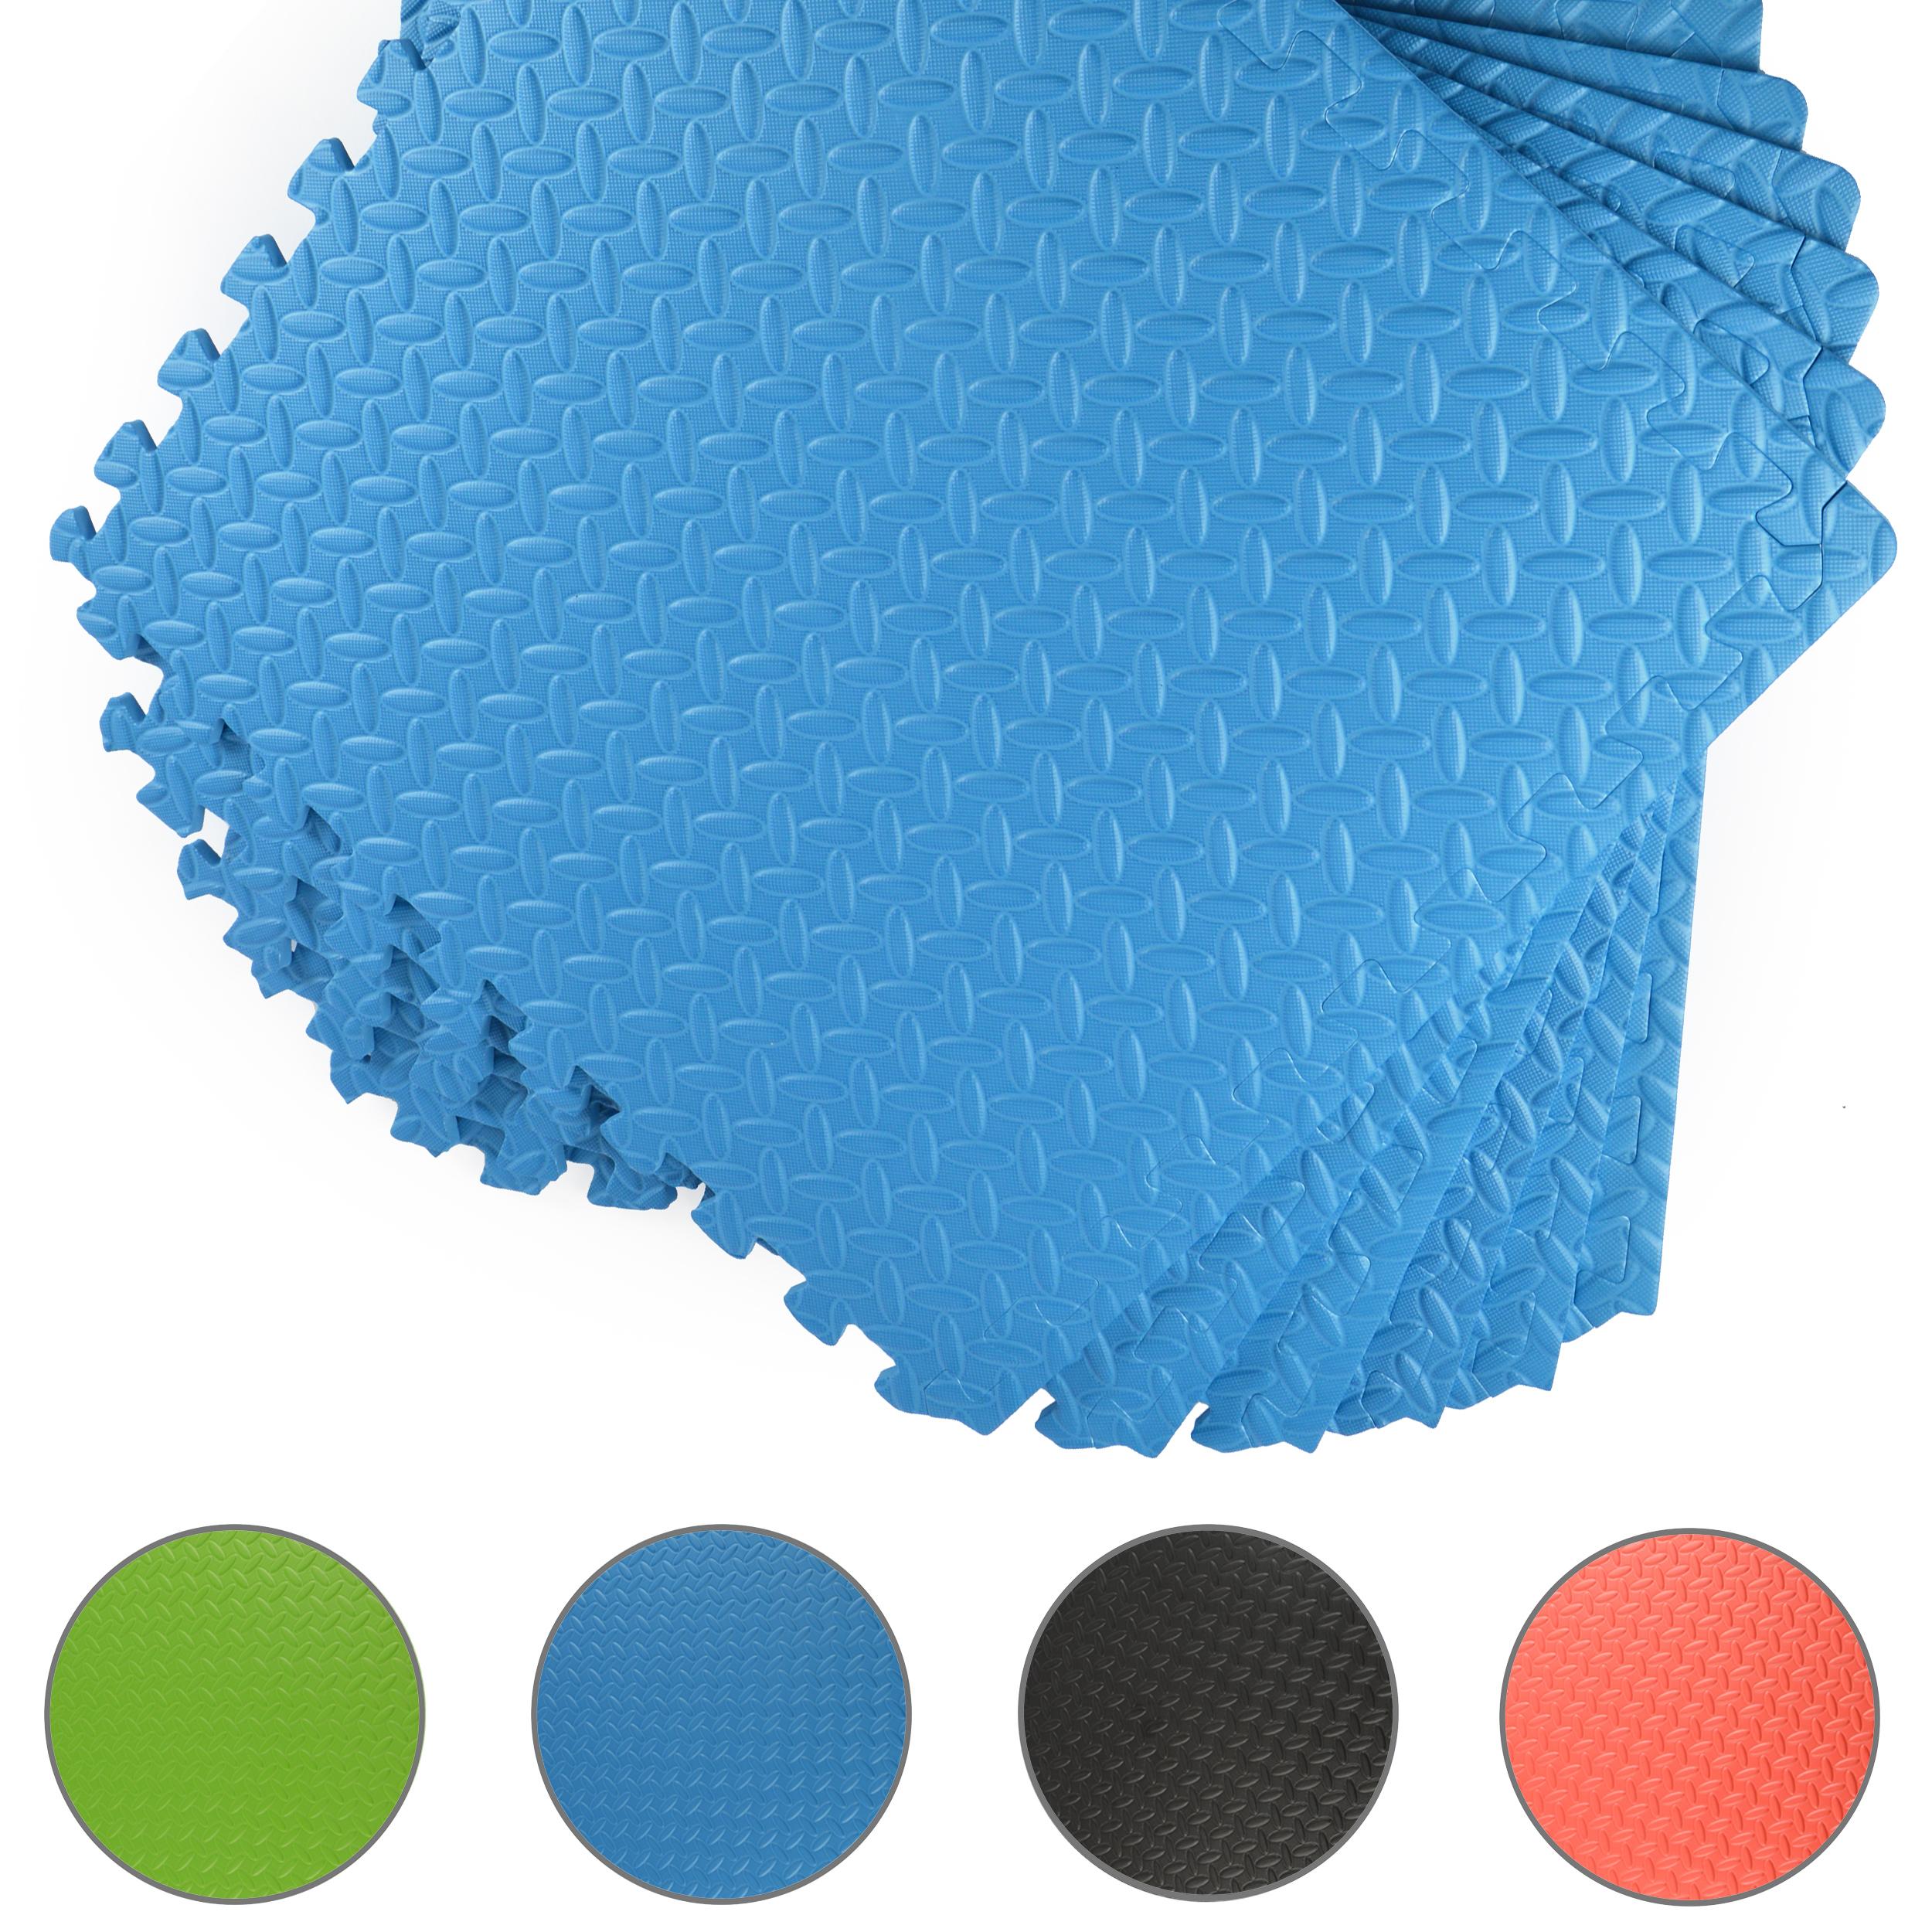 EVA Premium Puzzlematten - Blau